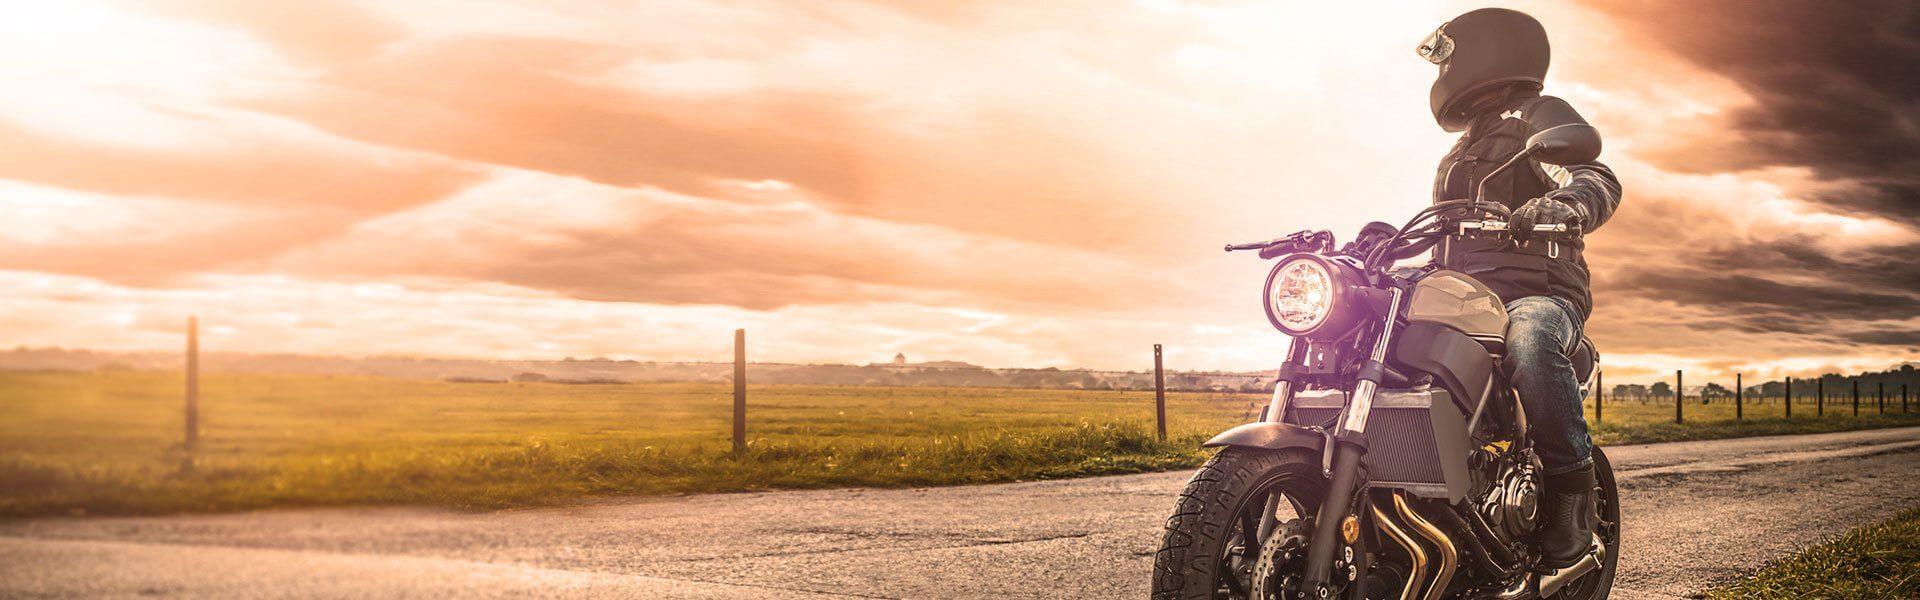 Naprawa motocykli MZ ETS TS i ES - części do starych motocykli